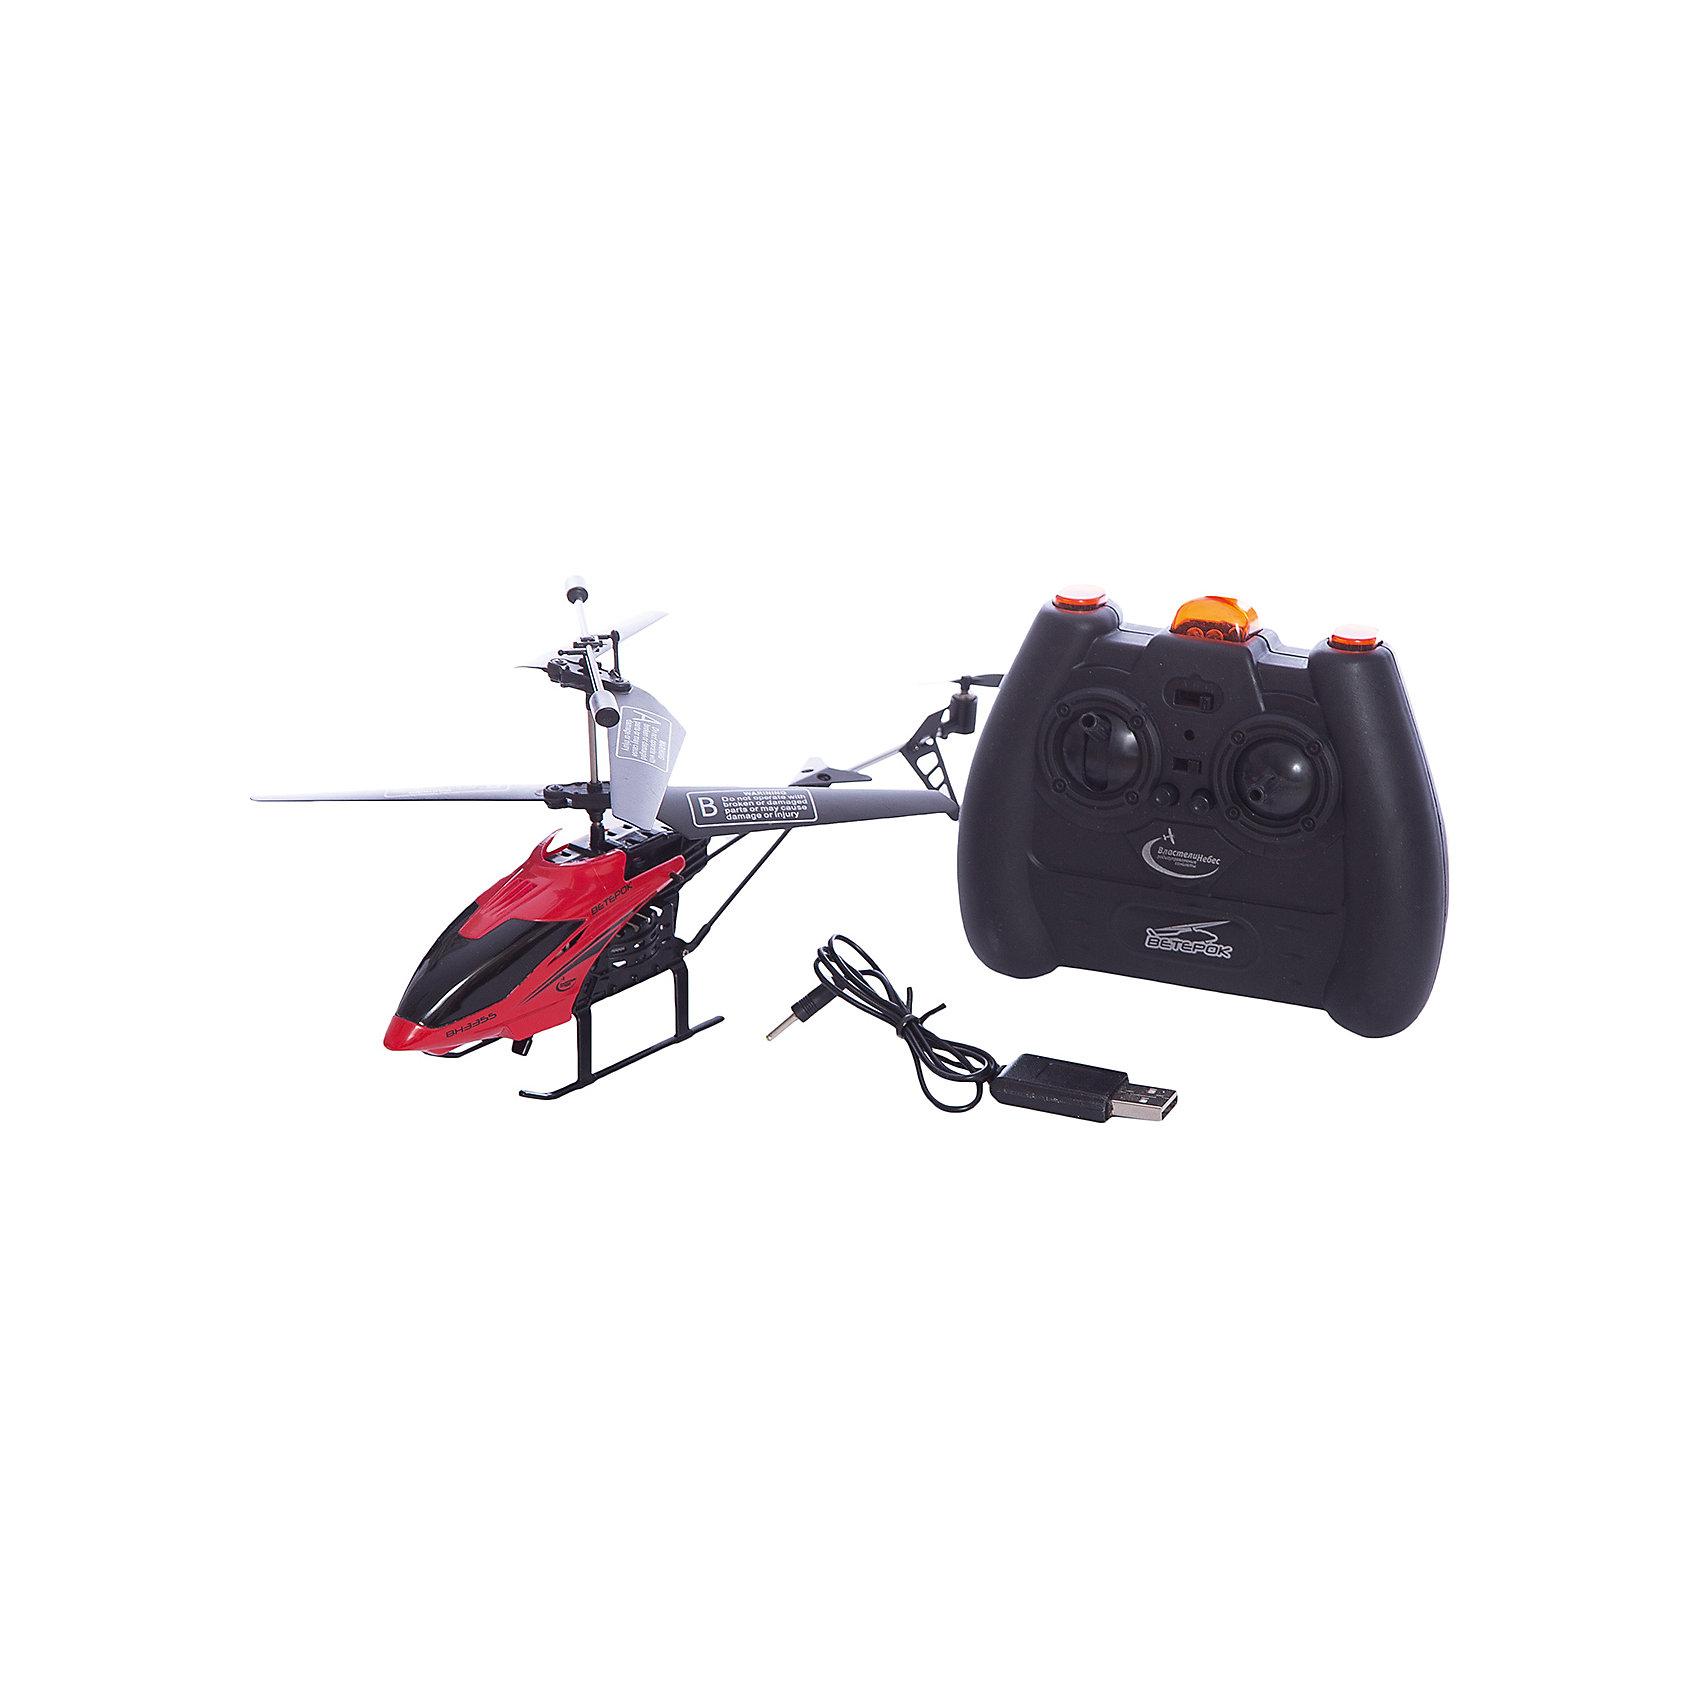 Вертолет на р/у Ветерок, красный, Властелин небесРадиоуправляемый транспорт<br>Вертолет на р/у Ветерок, красный, Властелин небес<br><br>Характеристики:<br><br>• летает вверх, вниз, влево и вправо<br>• поворачивается, вращается и зависает в воздухе<br>• яркий прожектор<br>• встроенный гироскоп<br>• устойчив к повреждениям<br>• время игры: 7 минут<br>• время зарядки: 30 минут<br>• размер игрушки: 23х5х12 см<br>• размер пульта: 13х11х5 см<br>• радиус действия: 10 метров<br>• в комплекте: вертолет, пульт управления, зарядное устройство, инструкция<br>• батарейки: АА - 6 шт. (не входят в комплект)<br>• размер упаковки: 44х17х8 см<br>• вес: 540 грамм<br>• цвет: красный<br><br>Вертолет Ветерок - прекрасный подарок для детей и взрослый. Вертолет управляется с помощью пульта и умеет летать вправо, влево, вверх и вниз. Ветерок разворачивается, вращается, а благодаря встроенному гироскопу, парит в воздухе. Прочная конструкция защищает игрушку от повреждений при случайных падениях. Яркий светящийся прожектор освещает путь вертолета в темноте. Выглядит это очень завораживающе! Время работы игрушки при полной зарядке около 10 минут. Зарядите вертолет в течение получайся и наслаждайтесь прекрасным 3D полетом Ветерка!<br>Для работы необходимы 6 батареек АА (не входят в комплект).<br><br>Вертолет на р/у Ветерок, красный, Властелин небес вы можете купить в нашем интернет-магазине.<br><br>Ширина мм: 75<br>Глубина мм: 430<br>Высота мм: 170<br>Вес г: 575<br>Возраст от месяцев: 144<br>Возраст до месяцев: 2147483647<br>Пол: Мужской<br>Возраст: Детский<br>SKU: 5397103